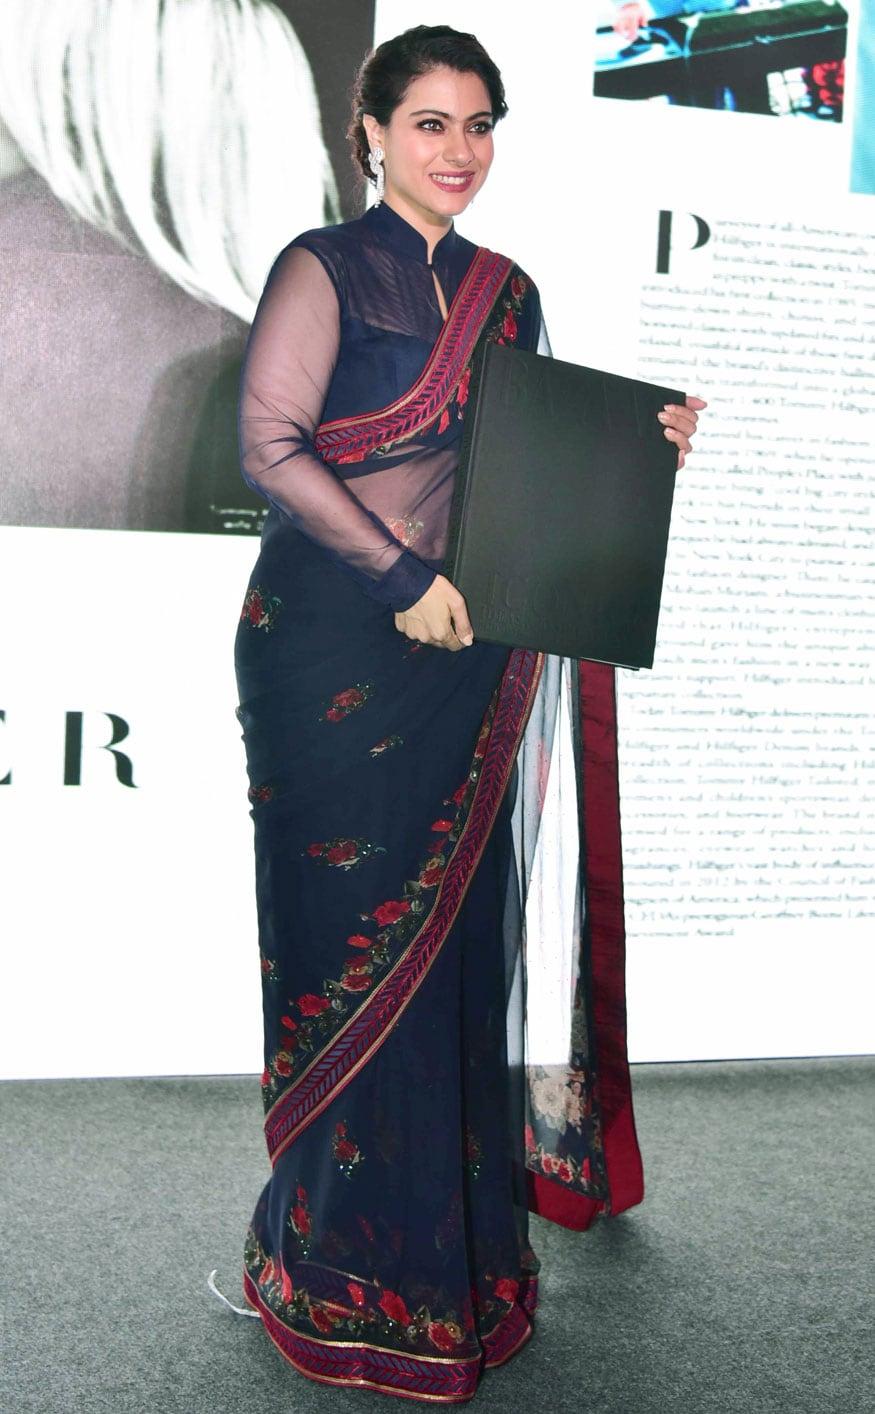 బాలీవుడ్ నటి కాజోల్ తండ్రి సోమూ ముఖర్జీ బాలీవుడ్లో ప్రముఖ నిర్మాత, దర్శకుడు,రచయత (Twitter/Photo)